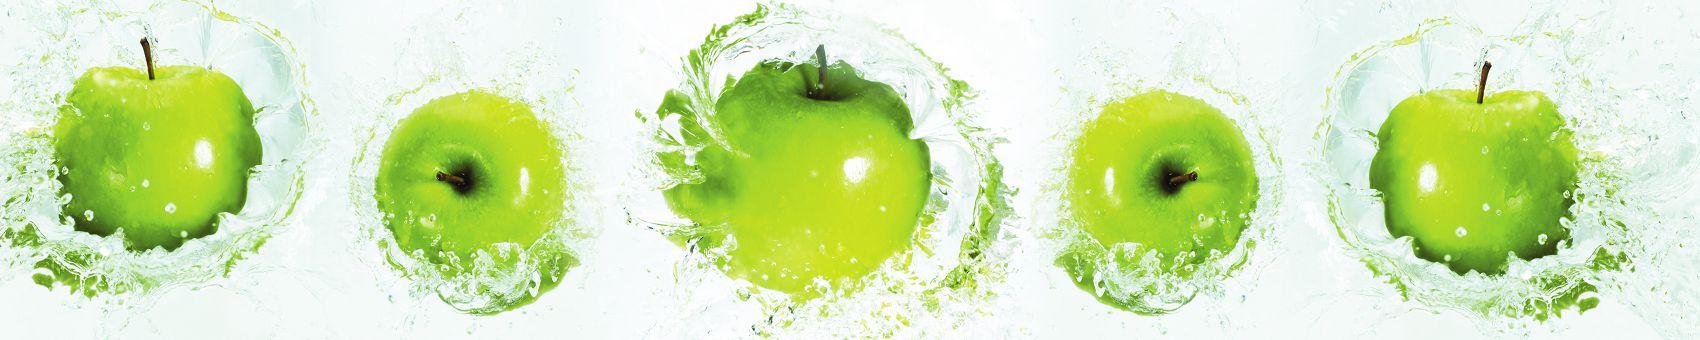 Зелёные яблоки в воде